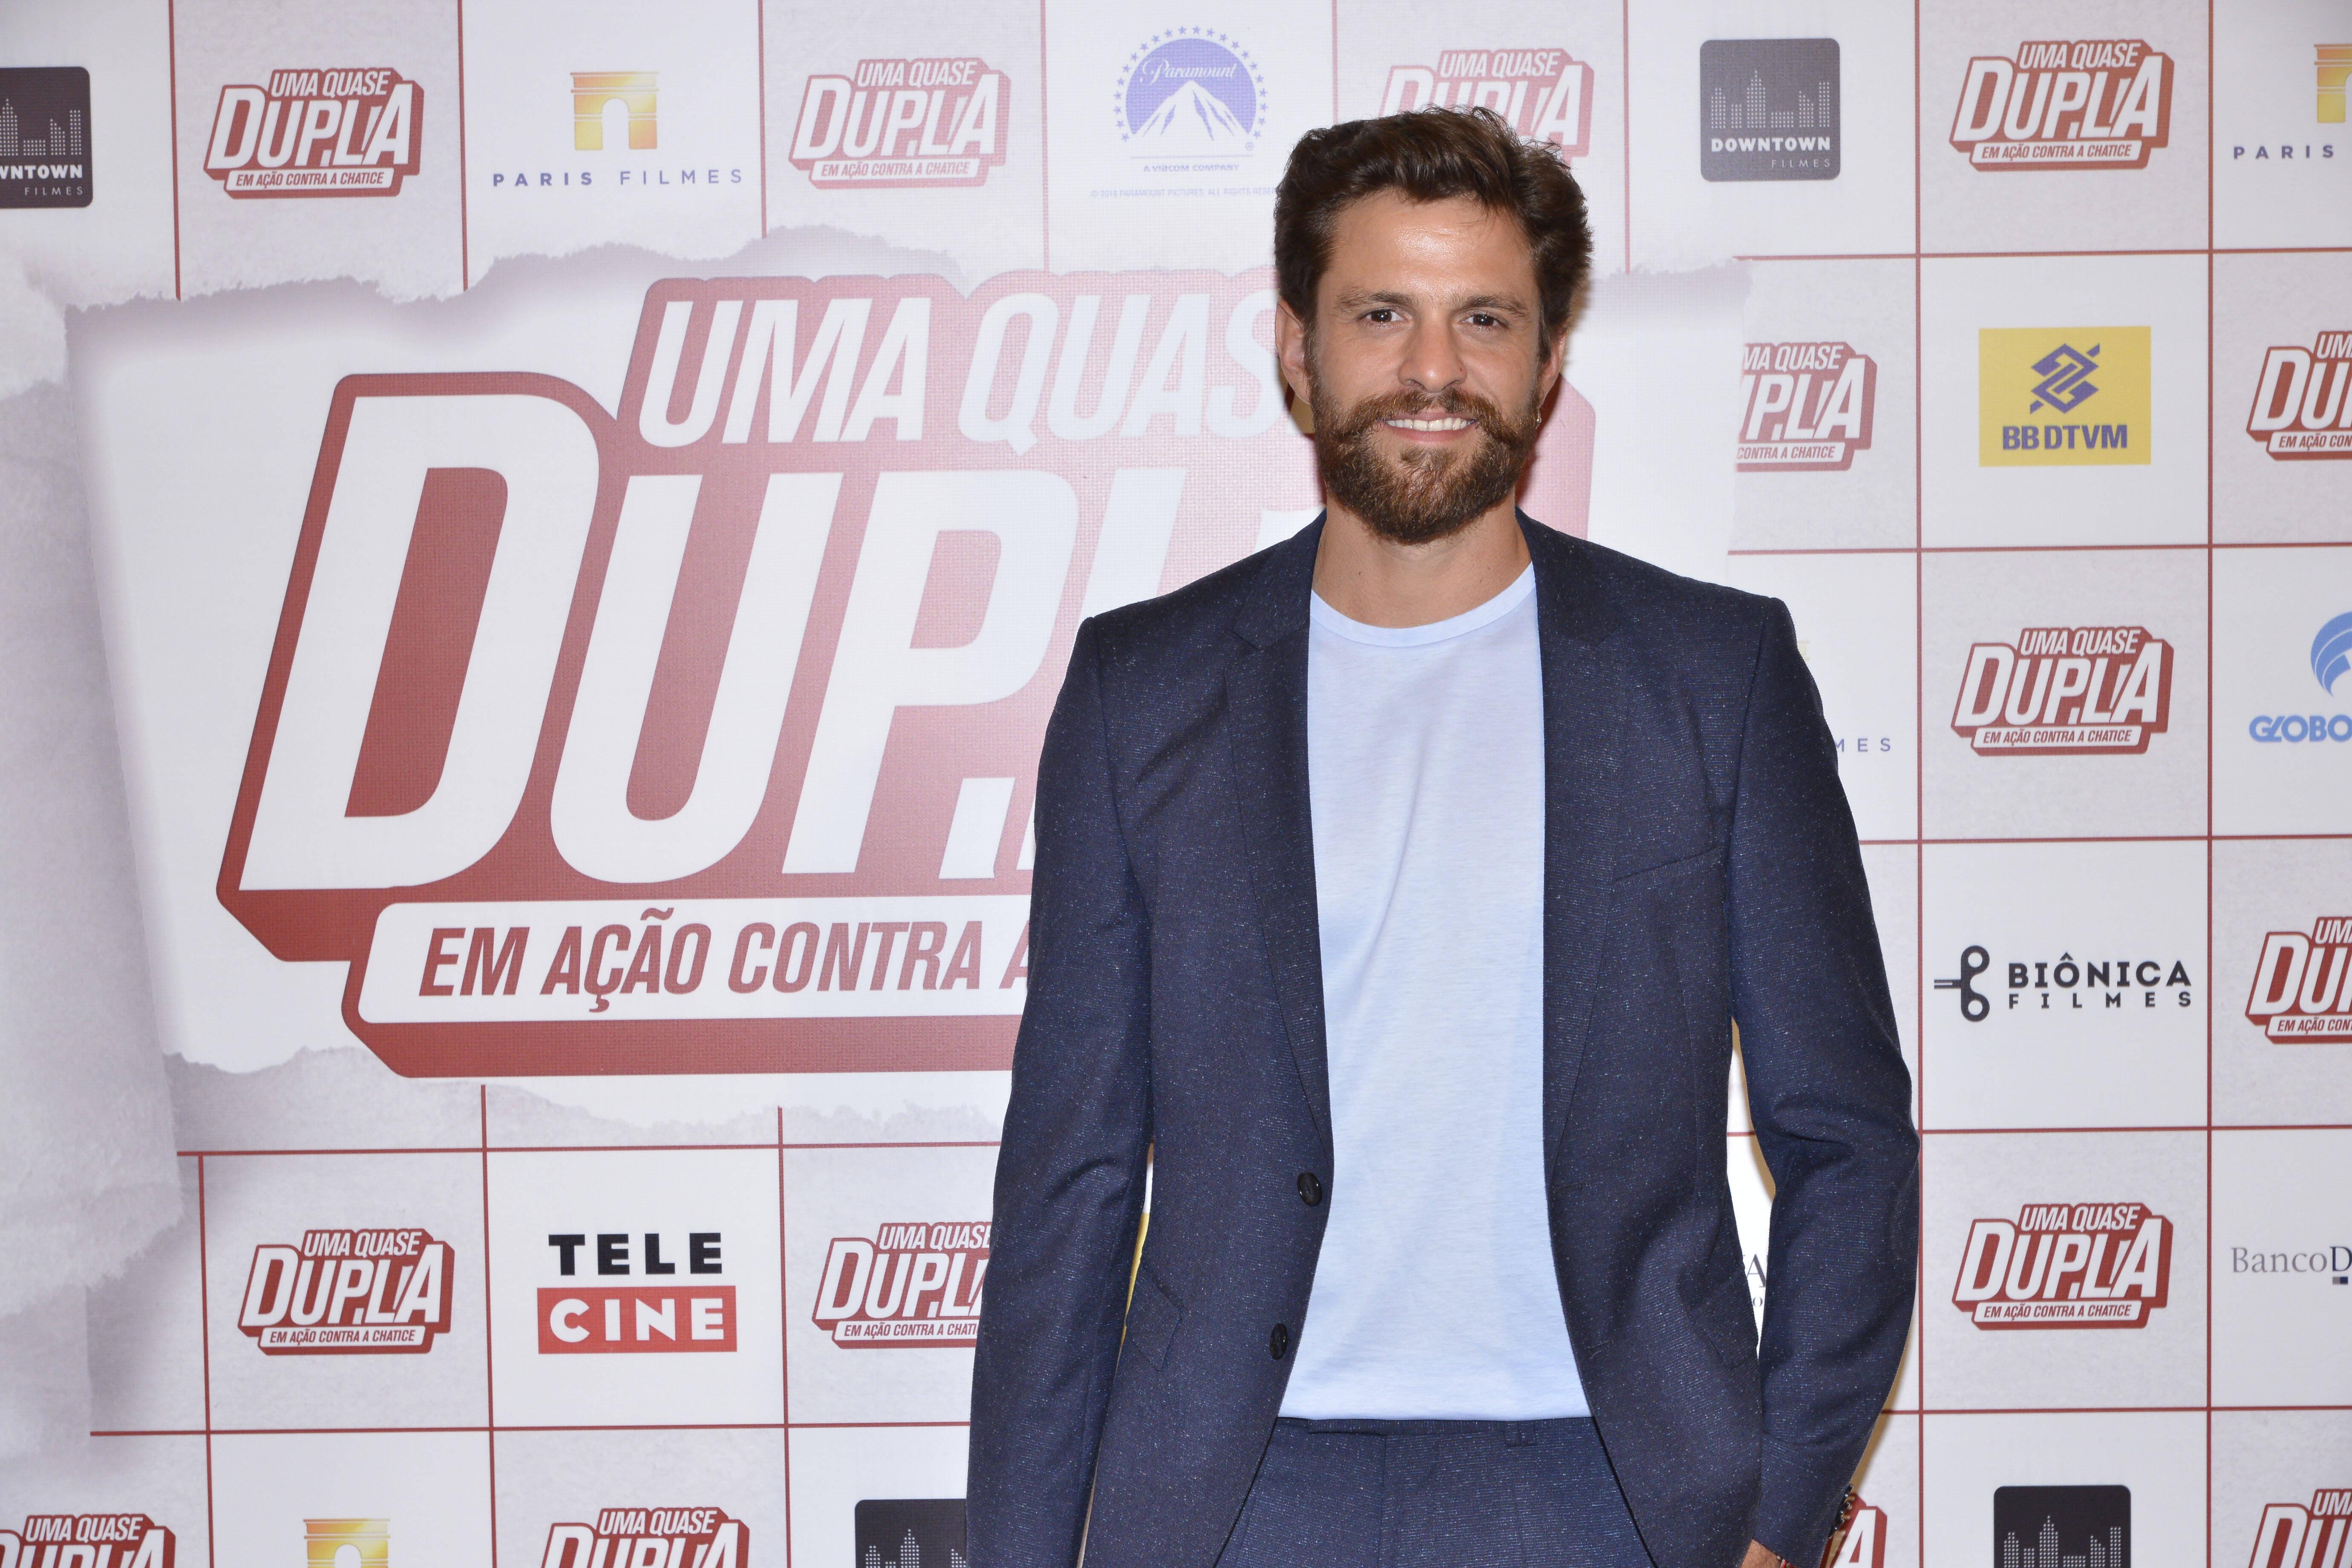 """Fotos da pré-estreia do filme """"Uma Quase Dupla"""". Foto: Divulgação INDEX"""